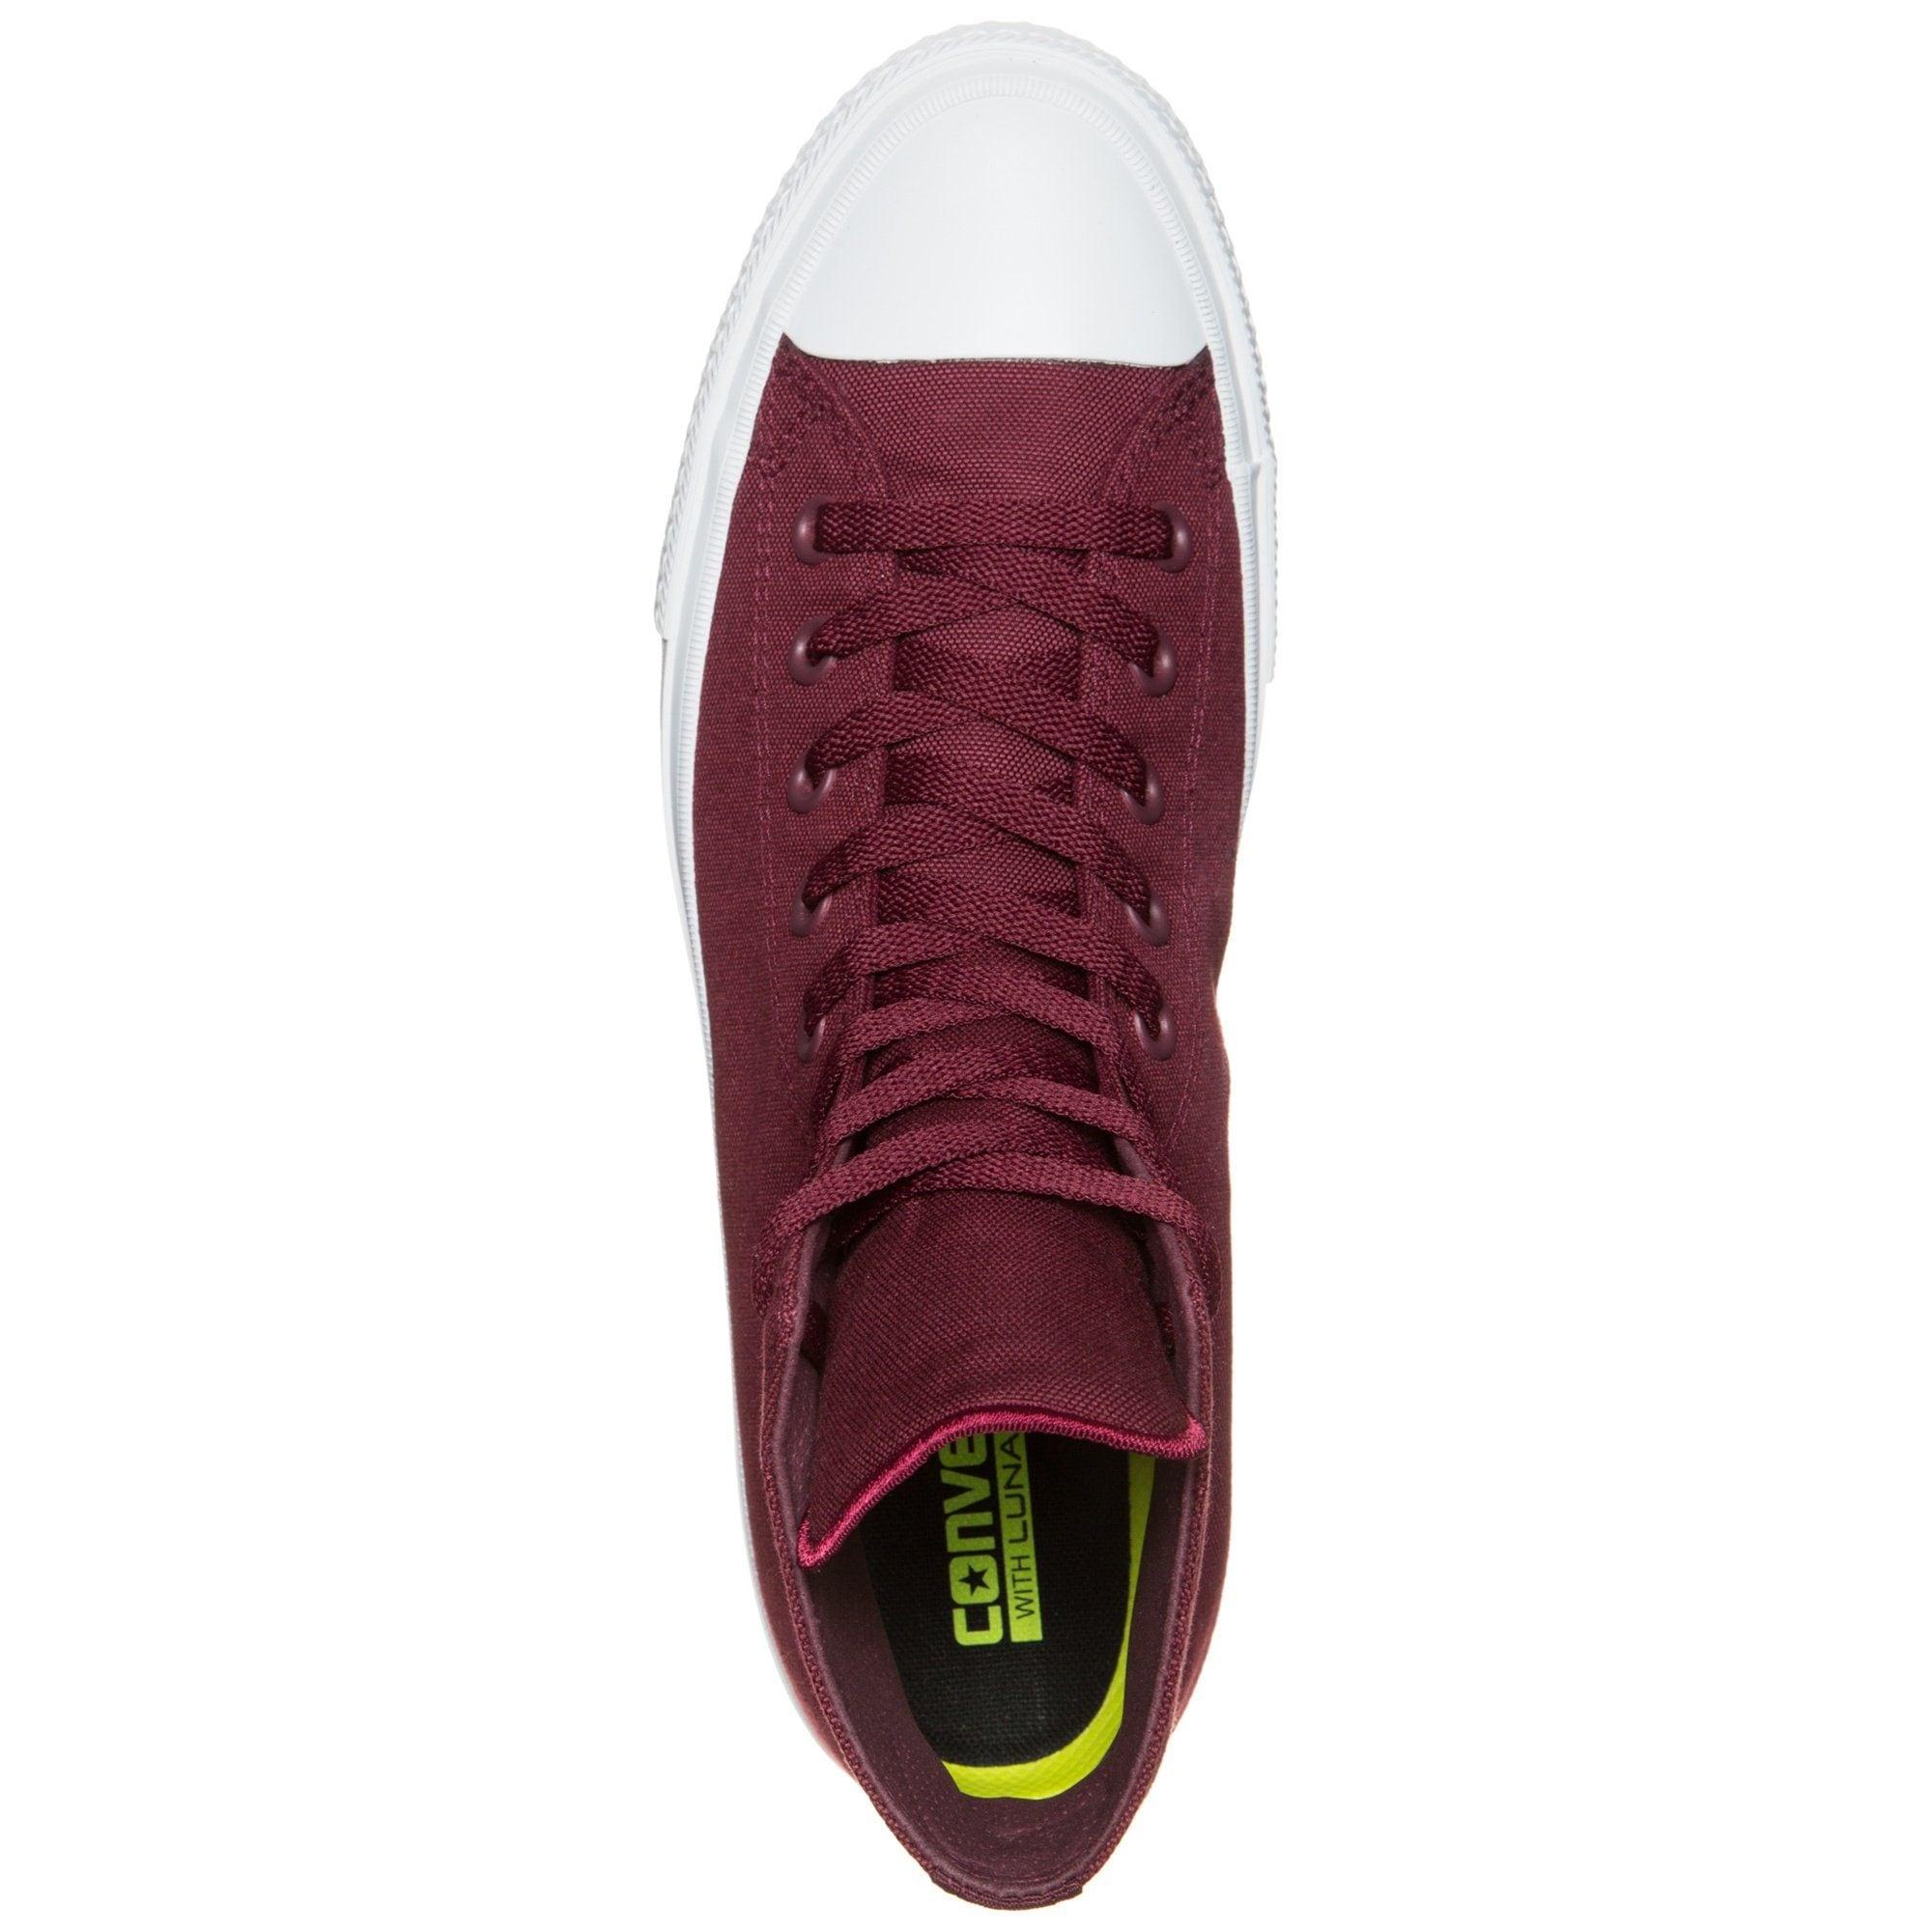 Converse Sneaker All »Chuck Taylor All Sneaker Star Ii«  online kaufen | Gutes Preis-Leistungs-Verhältnis, es lohnt sich d35c5e